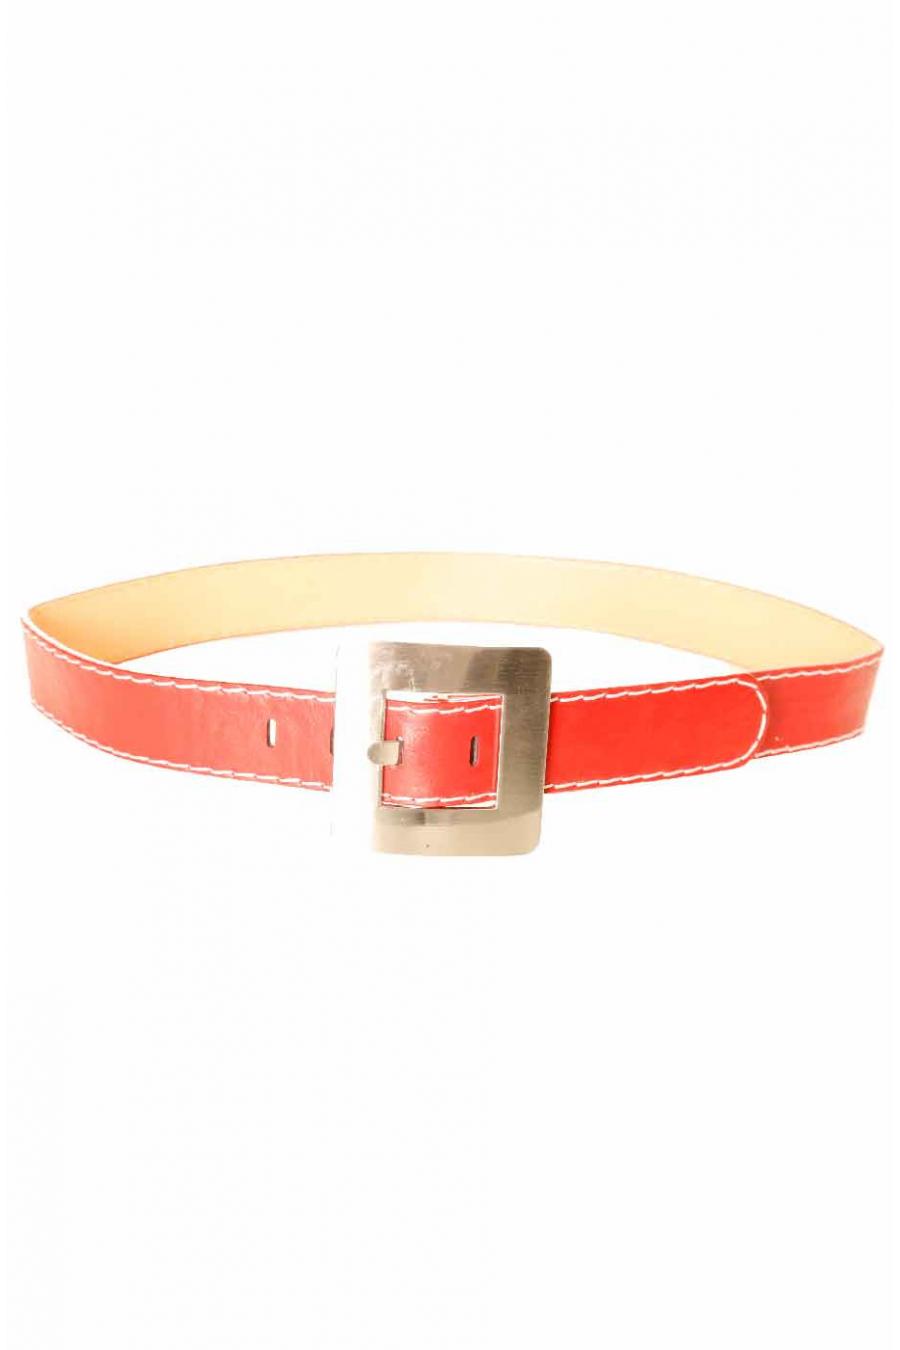 Rode riem met wit stiksel met vierkante gesp CE 504